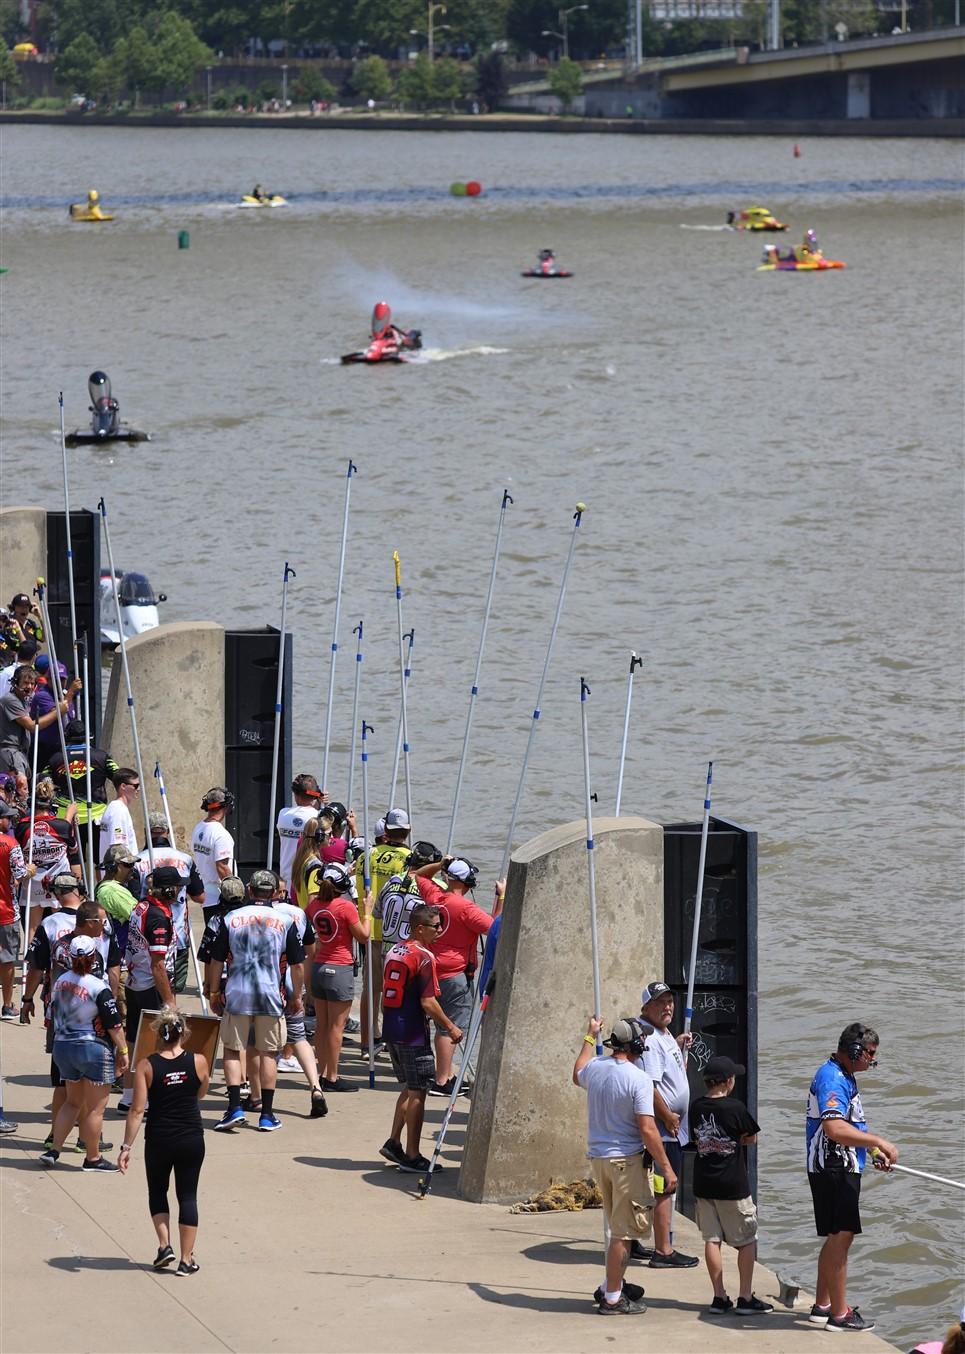 2018 08 04 184 Pittsburgh Three Rivers Regatta.jpg